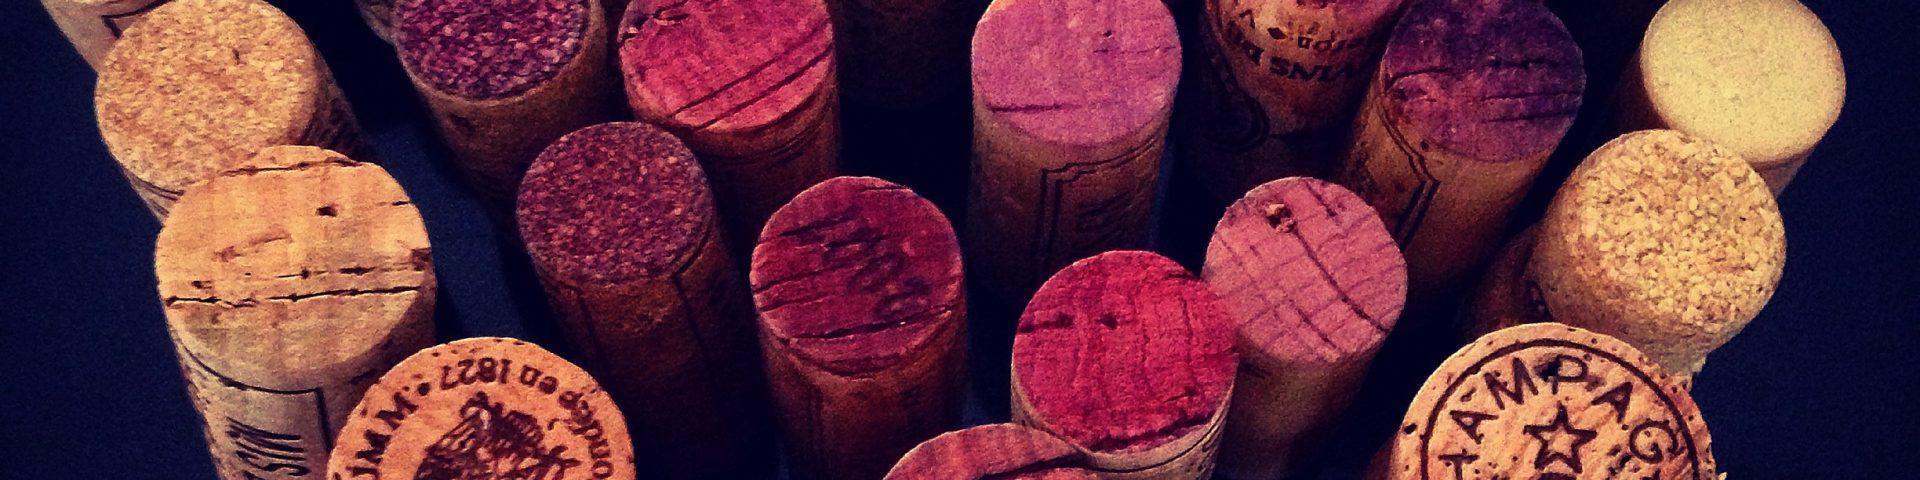 heart 1062141 1920x480 - Dzień Zakochanych... w winie